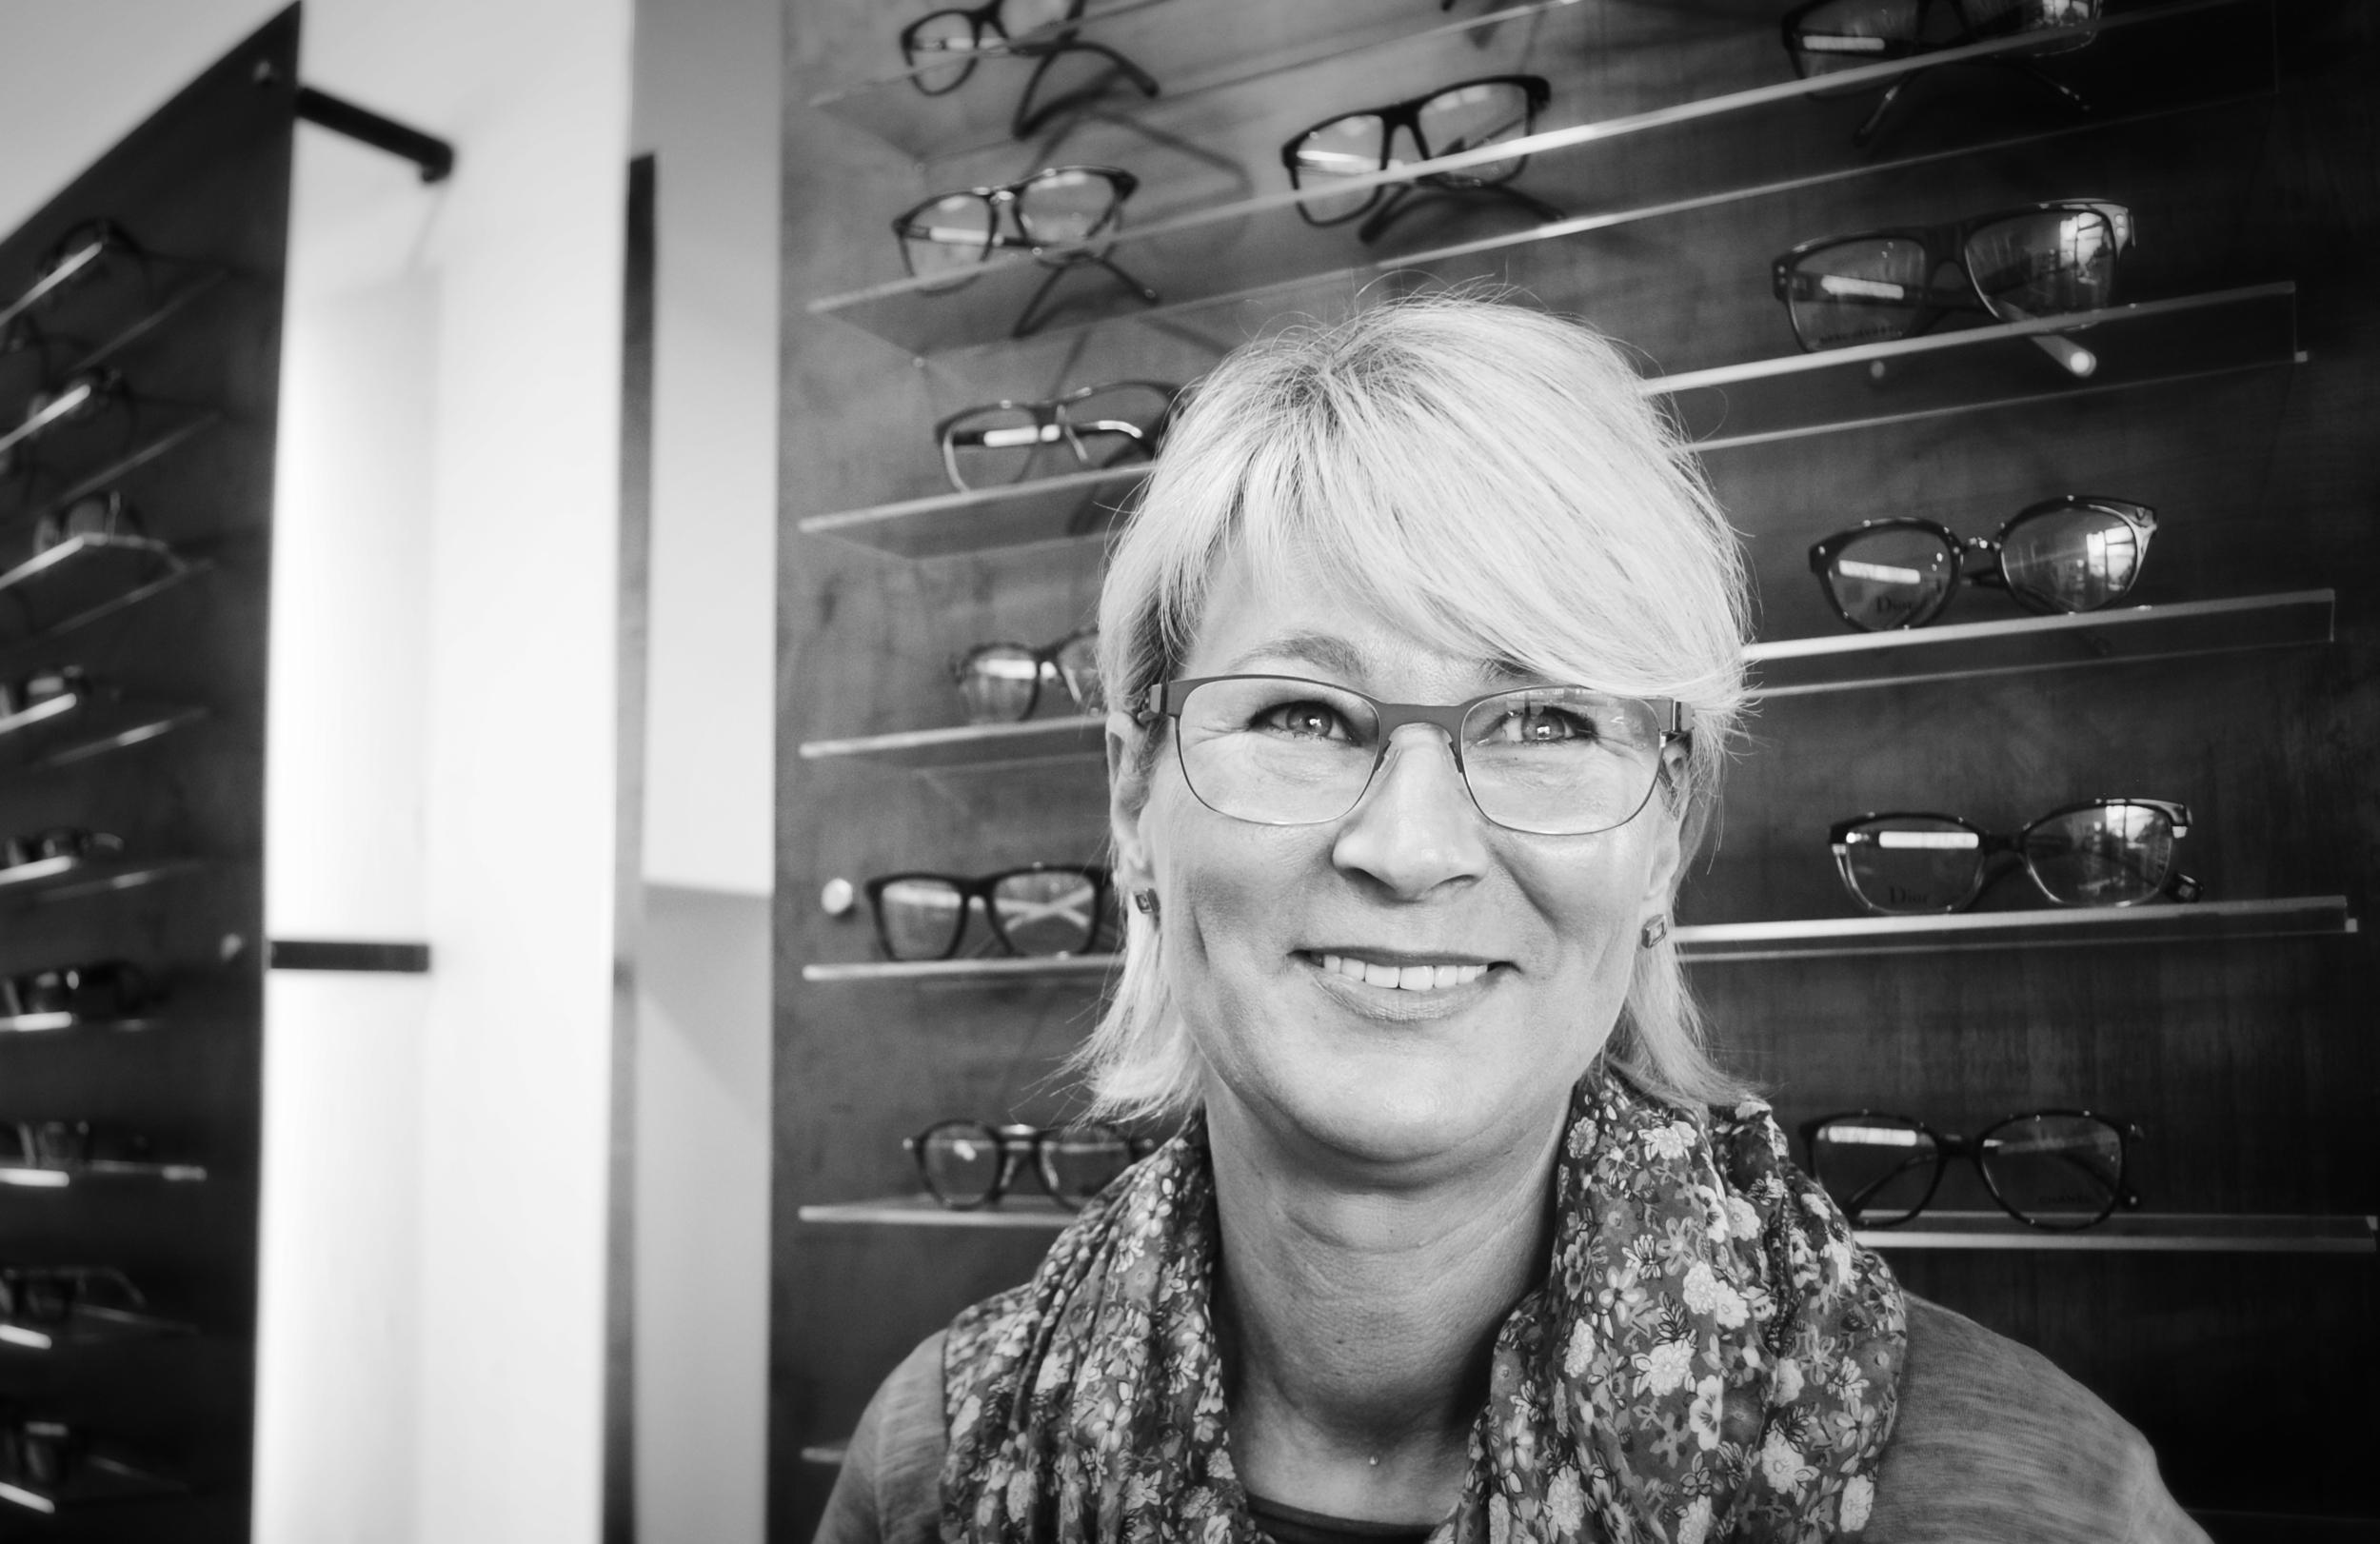 Karin Neßhold, Optikerin